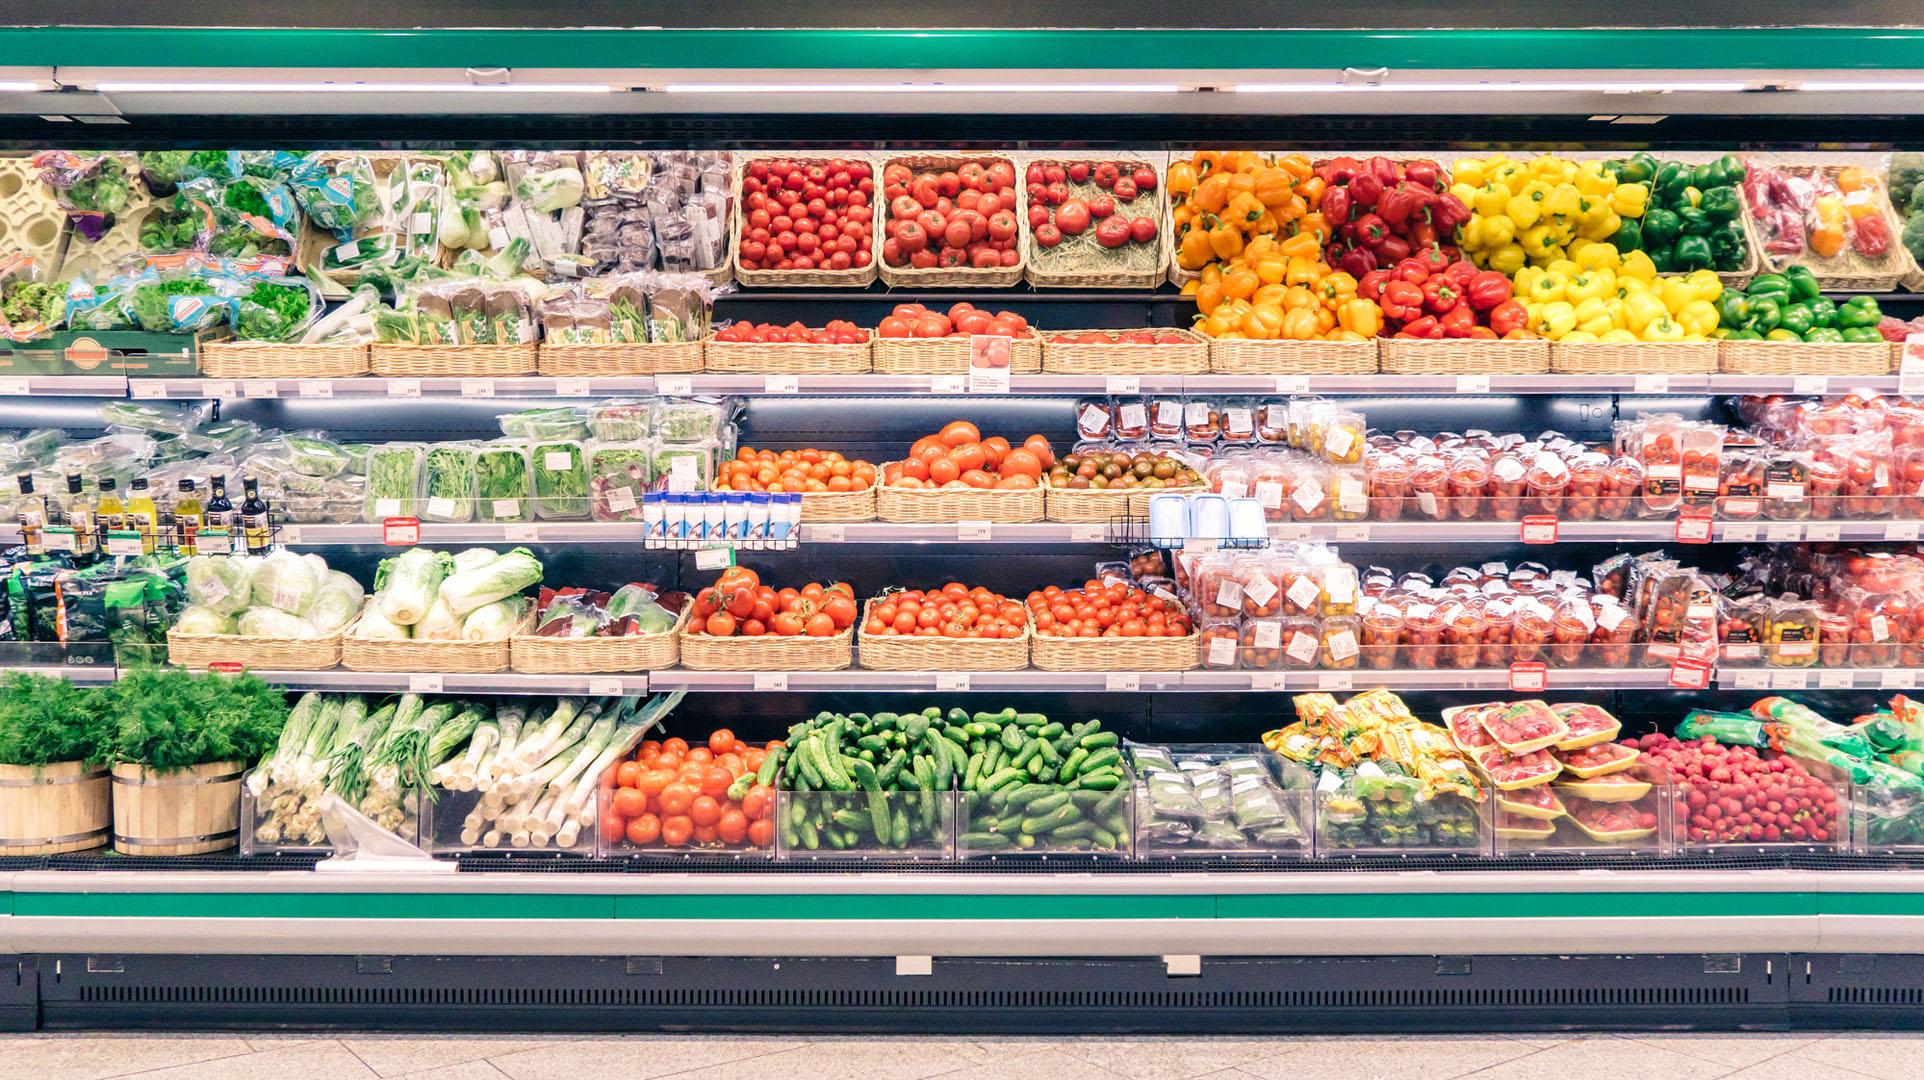 De los 10 productos que reflejaron mayores aumentos en 2018, ocho son alimentos